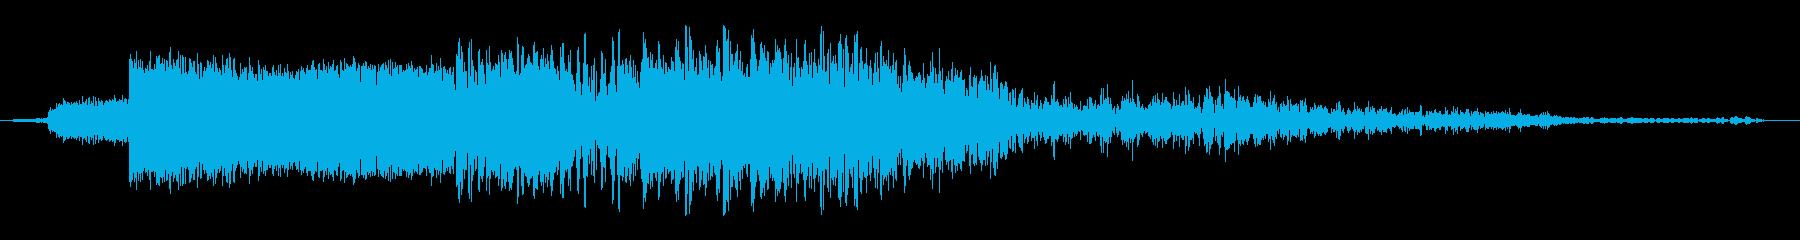 衝撃波遷移の再生済みの波形